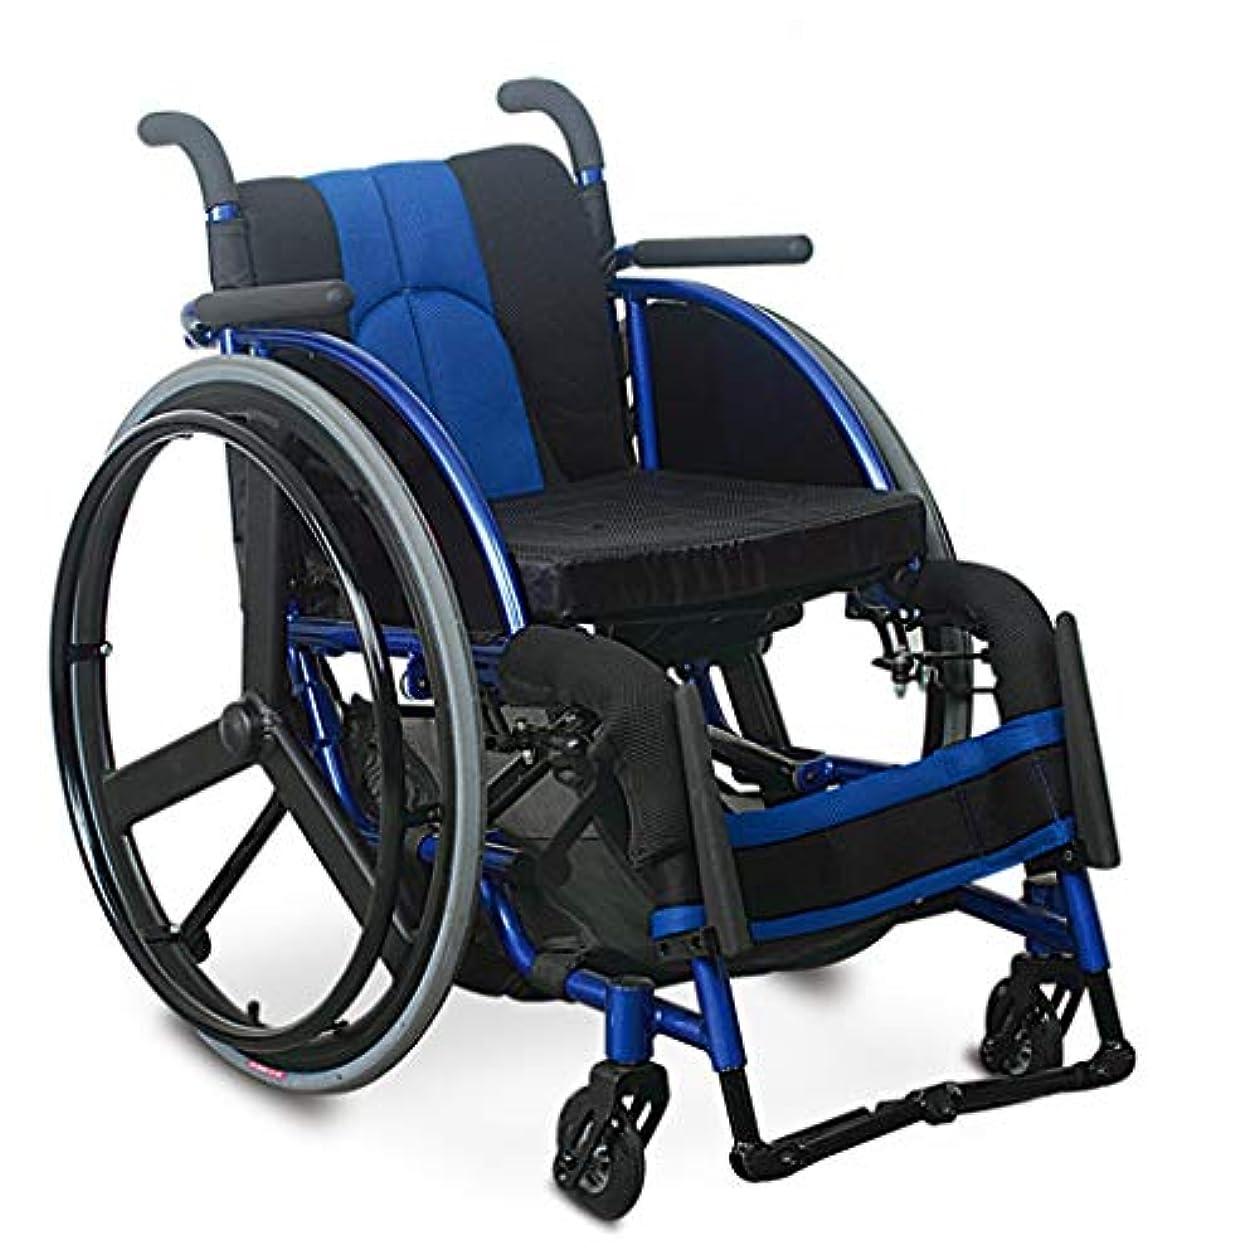 敵対的混乱沼地車椅子折りたたみ、PUミリオンフロントホイール、高齢者障害者用車椅子トロリー